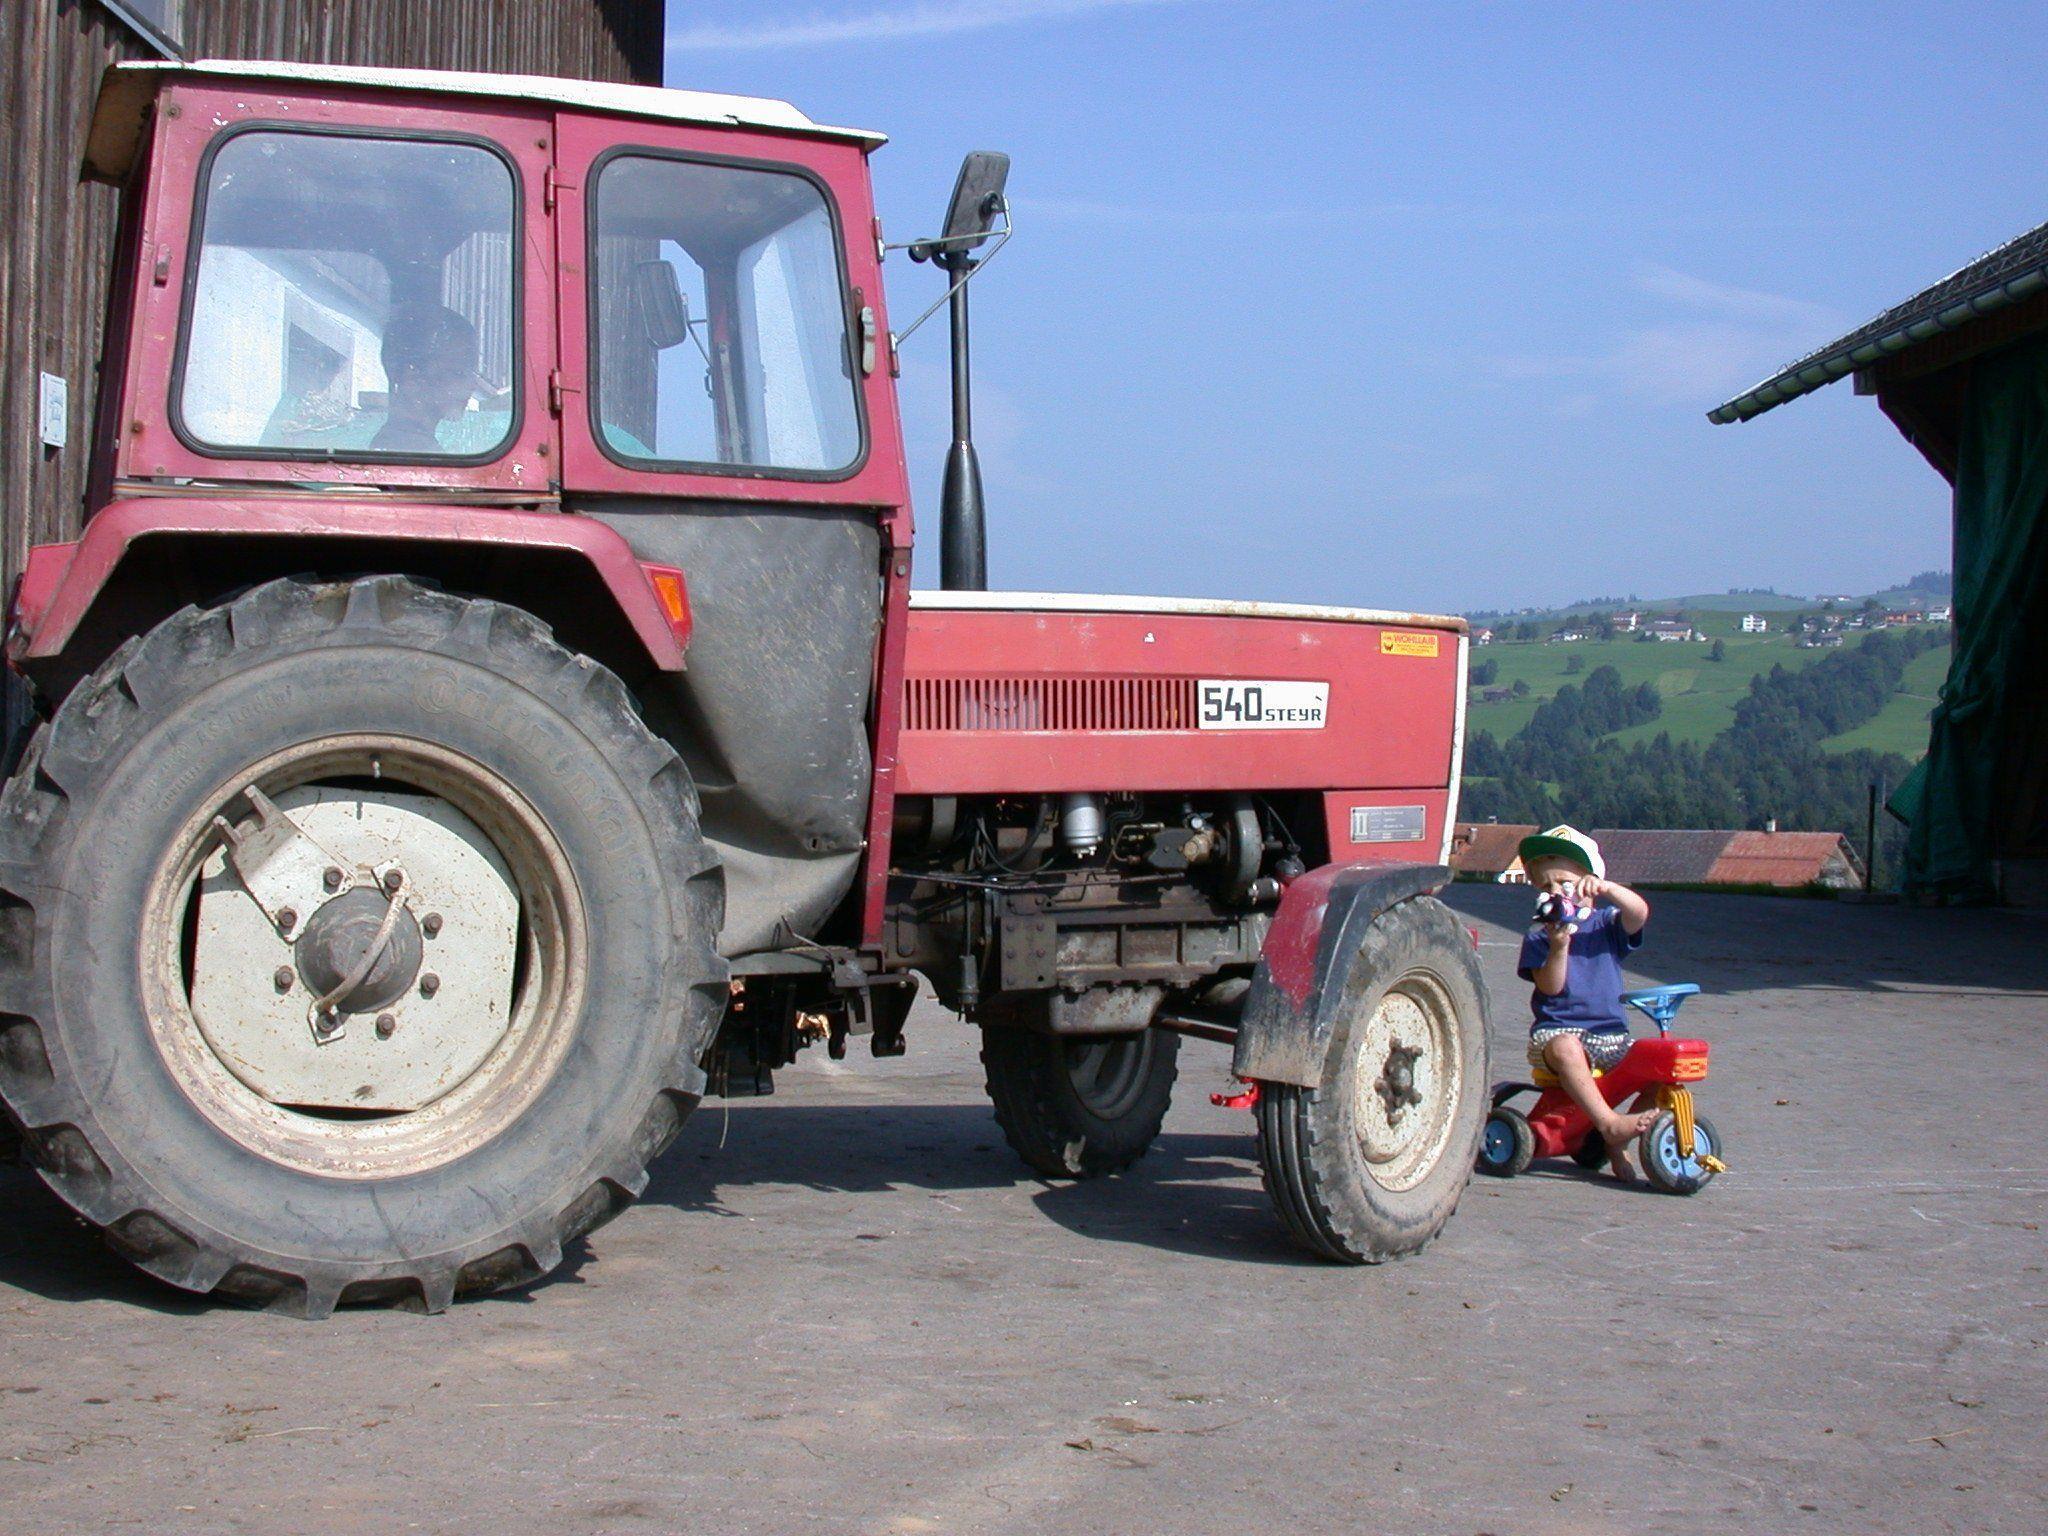 Traktoren und andere Faszination: Kindern Gefahren begreiflich machen.